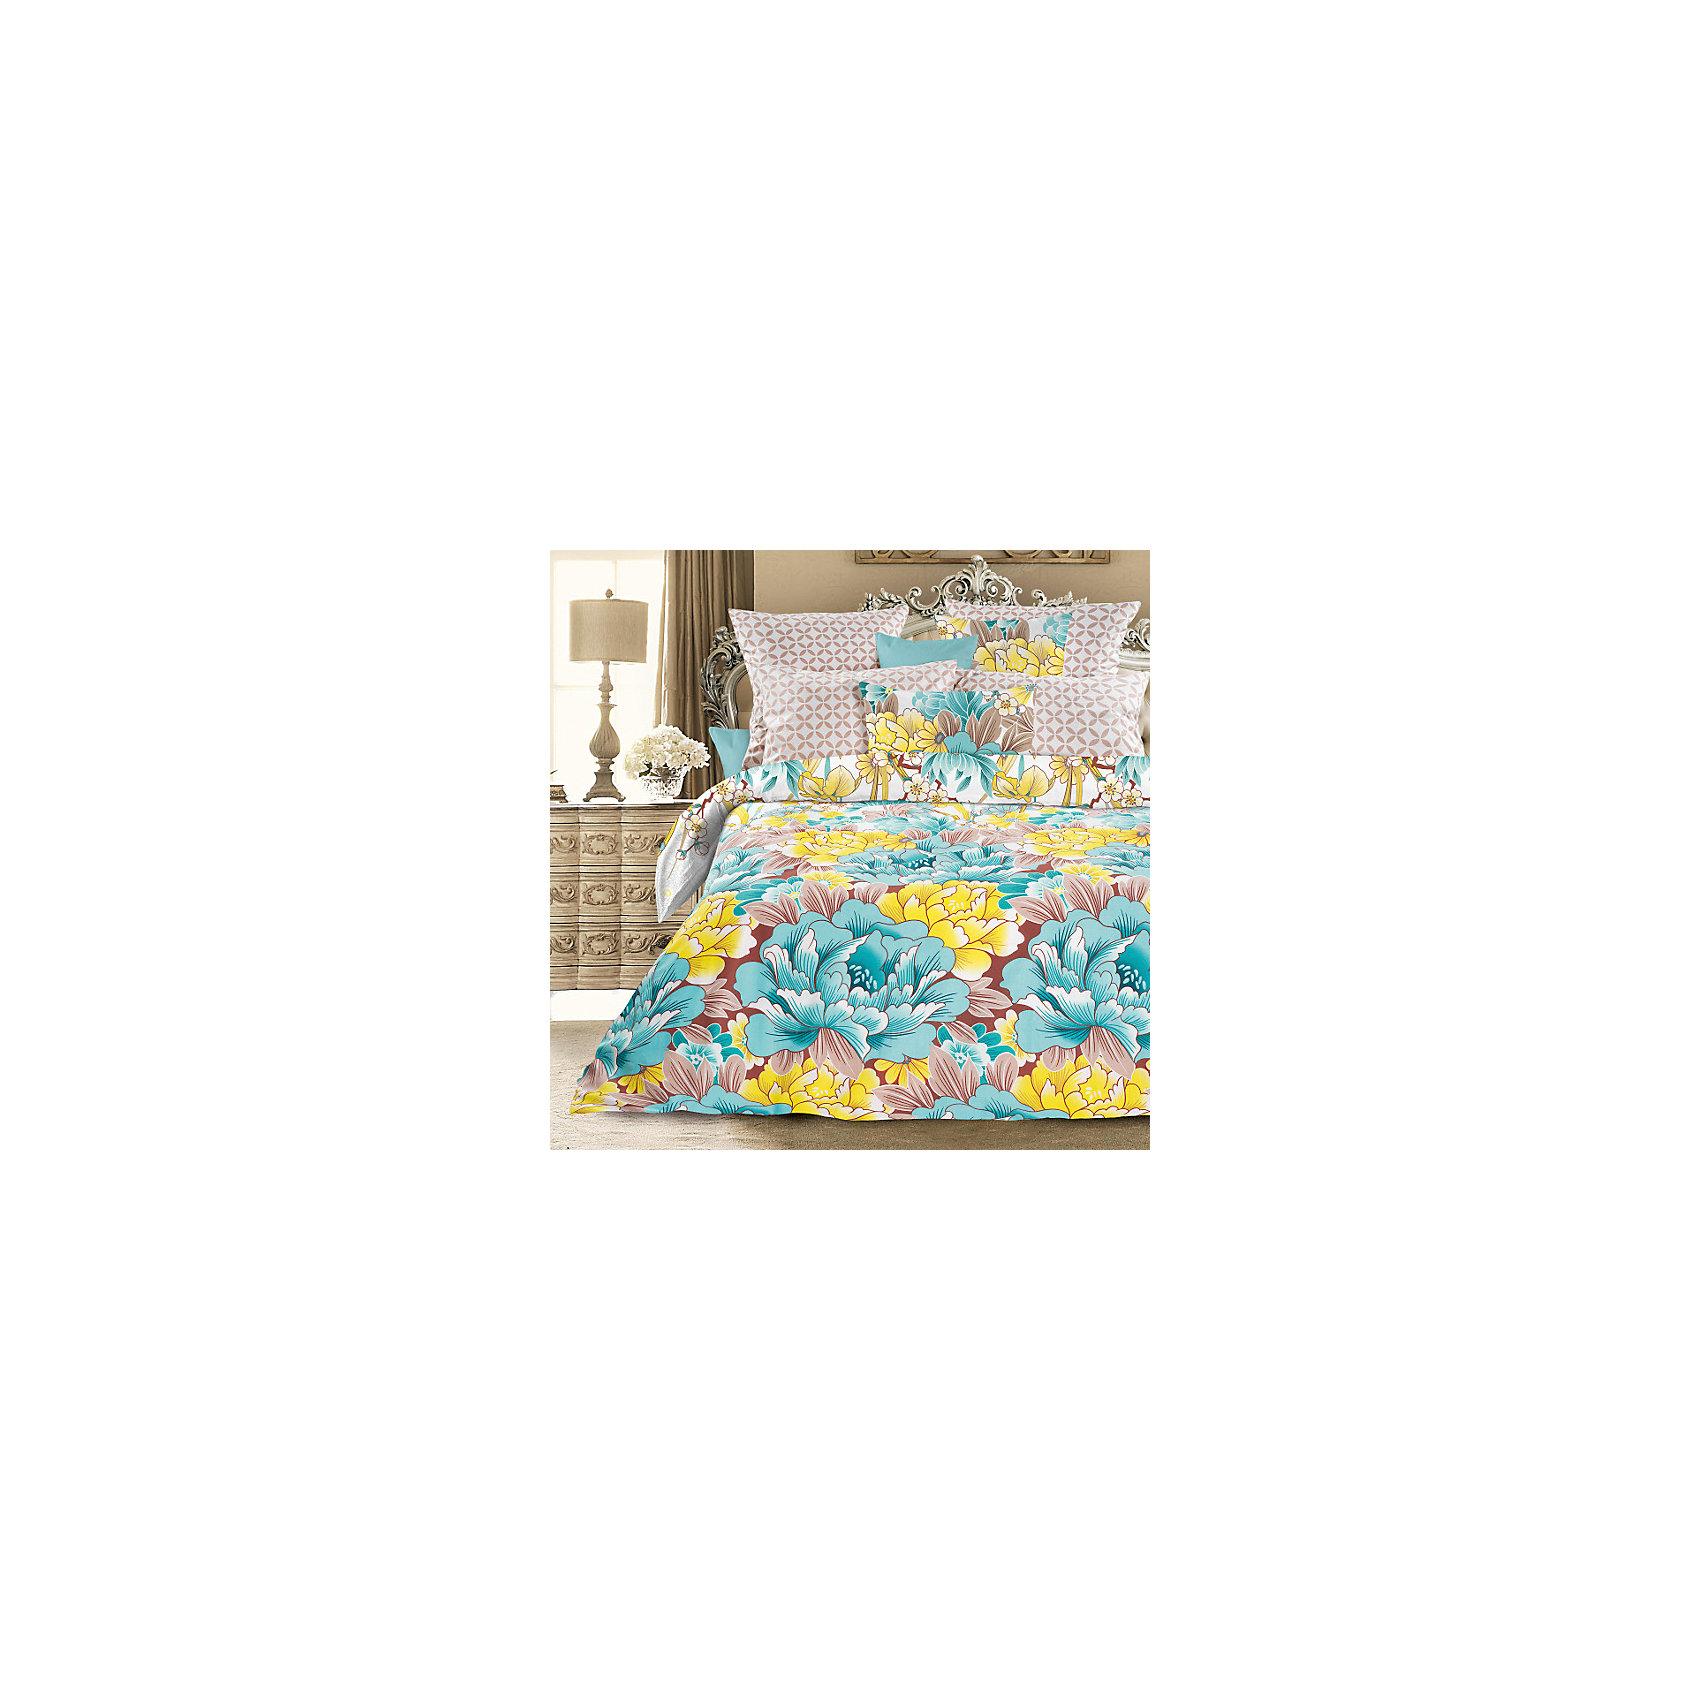 Постельное белье 2,0 Кристи, Унисон биоматинДомашний текстиль<br>Характеристики товара:<br><br>• материал: хлопок;<br>• пододеяльник 215х175 см<br>• простыня 220х240 см<br>• 2 наволочки 70х70 см;<br>• размер упаковки 50х50х15 см;<br>• вес упаковки 1,4 кг;<br>• страна производитель: Россия.<br><br>Постельное белье 2-спальное «Кристи» биоматин Унисон обеспечит уютный и спокойный сон. Комплект изготовлен из хлопка высокого качества — мягкого и плотного биоматина. Биоматин не вызывает аллергических реакций, является экологически чистым, отличается прочностью и износостойкостью, не линяет, не теряет цвет после многочисленных стирок. Перед первым применением белье из биоматина рекомендуется постирать.<br><br>Постельное белье 2-спальное «Кристи» биоматин Унисон можно приобрести в нашем интернет-магазине.<br><br>Ширина мм: 500<br>Глубина мм: 500<br>Высота мм: 150<br>Вес г: 1407<br>Возраст от месяцев: 216<br>Возраст до месяцев: 1188<br>Пол: Унисекс<br>Возраст: Детский<br>SKU: 5136355